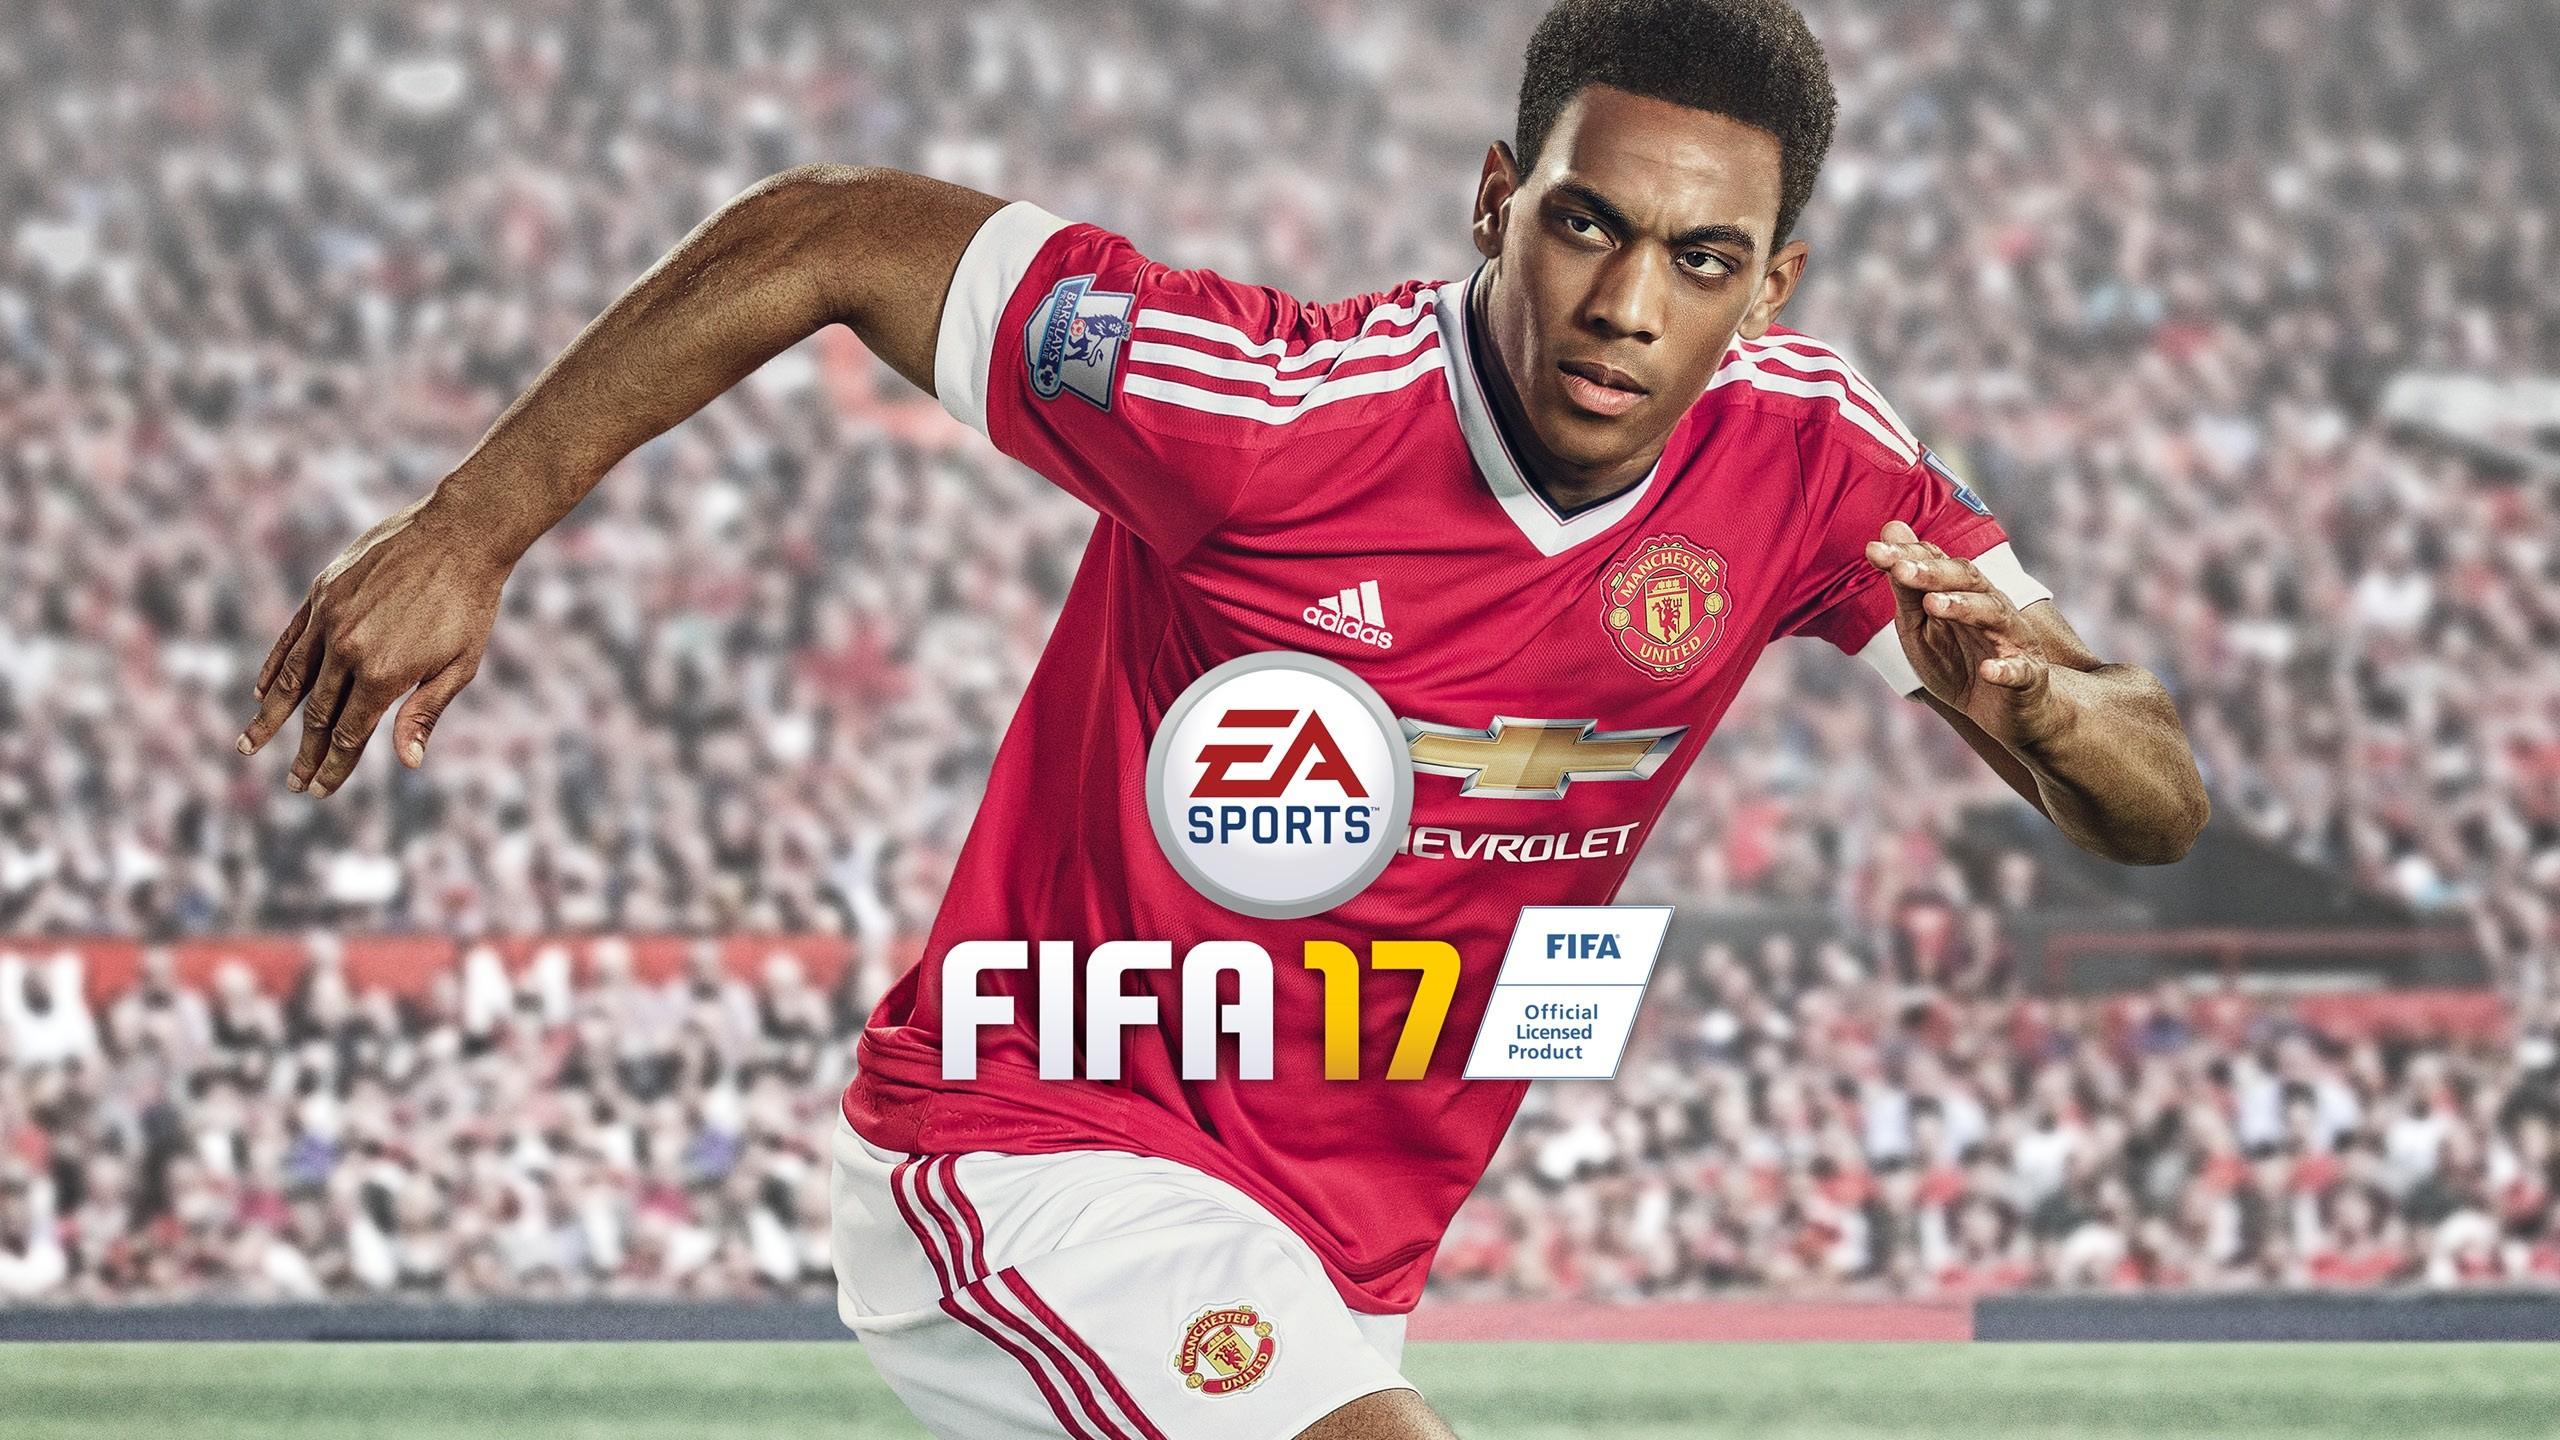 Res: 2560x1440, FIFA 17 HD Wallpaper   Hintergrund      ID:722621 - Wallpaper Abyss